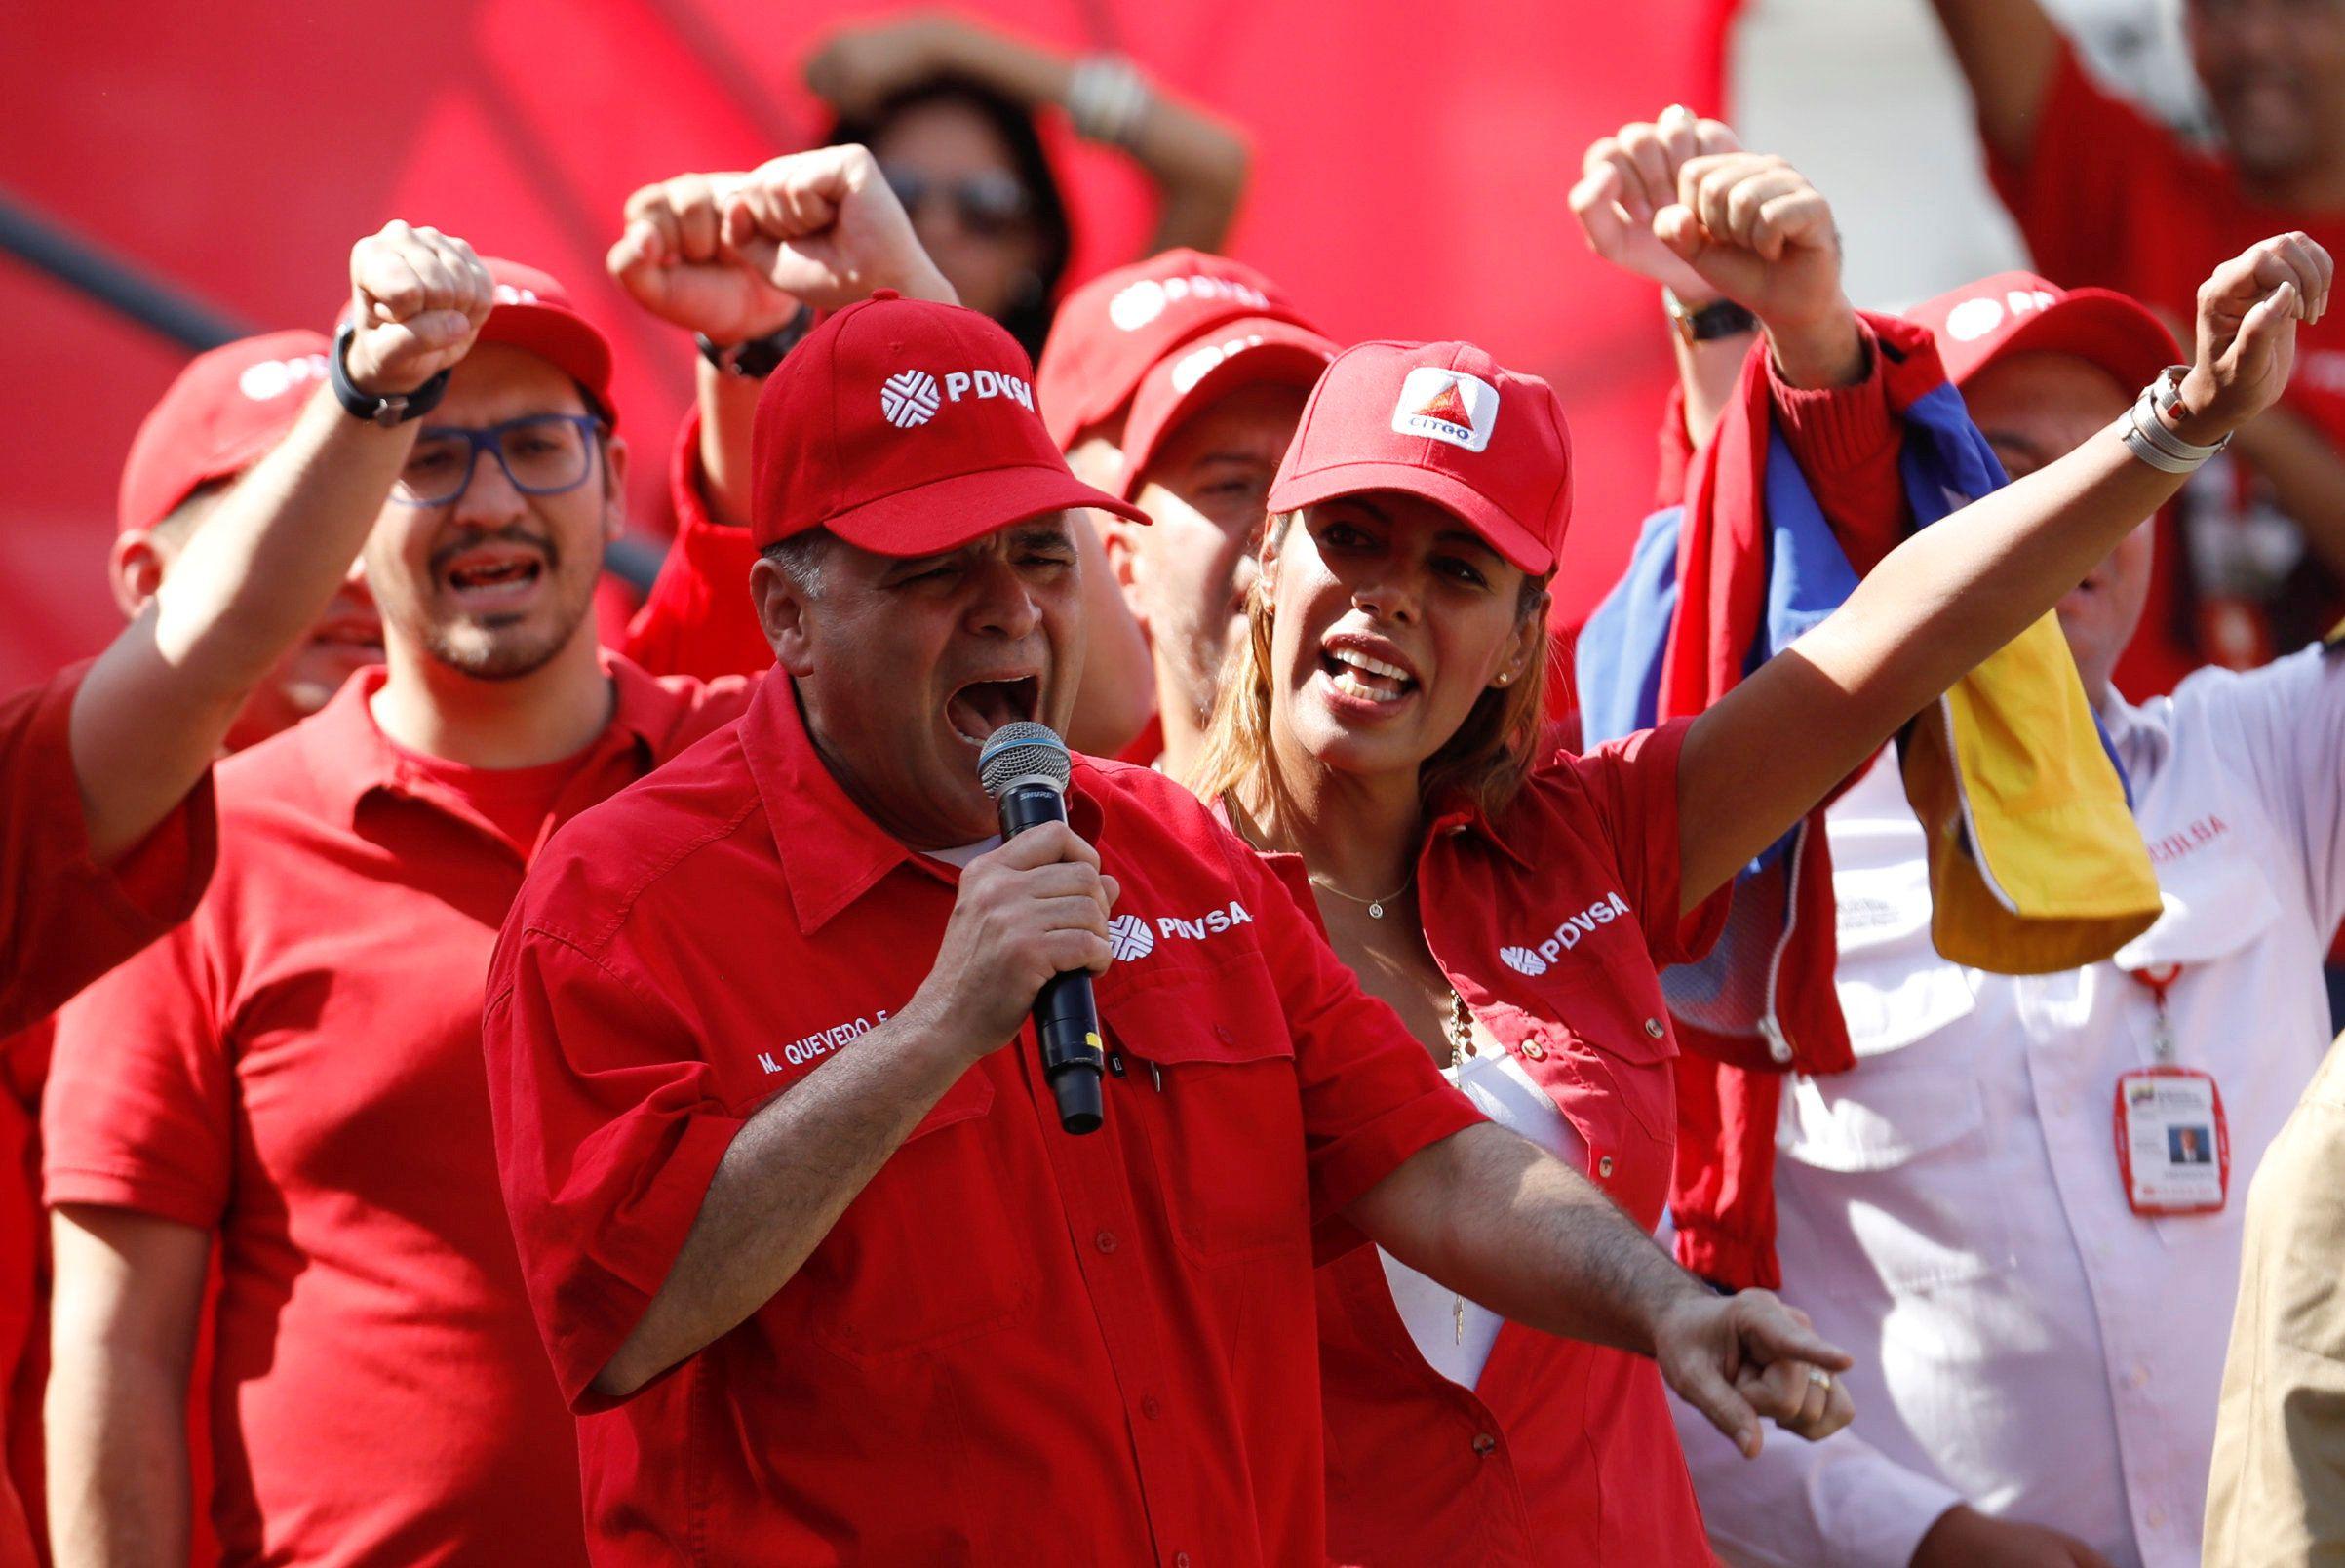 El Ministro de Petróleo de Venezuela y Presidente de PDVSA Manuel Quevedo habla durante un mitin en apoyo de la empresa estatal de petróleo PDVSA en Caracas, Venezuela el 31 de enero de 2019. (REUTERS)